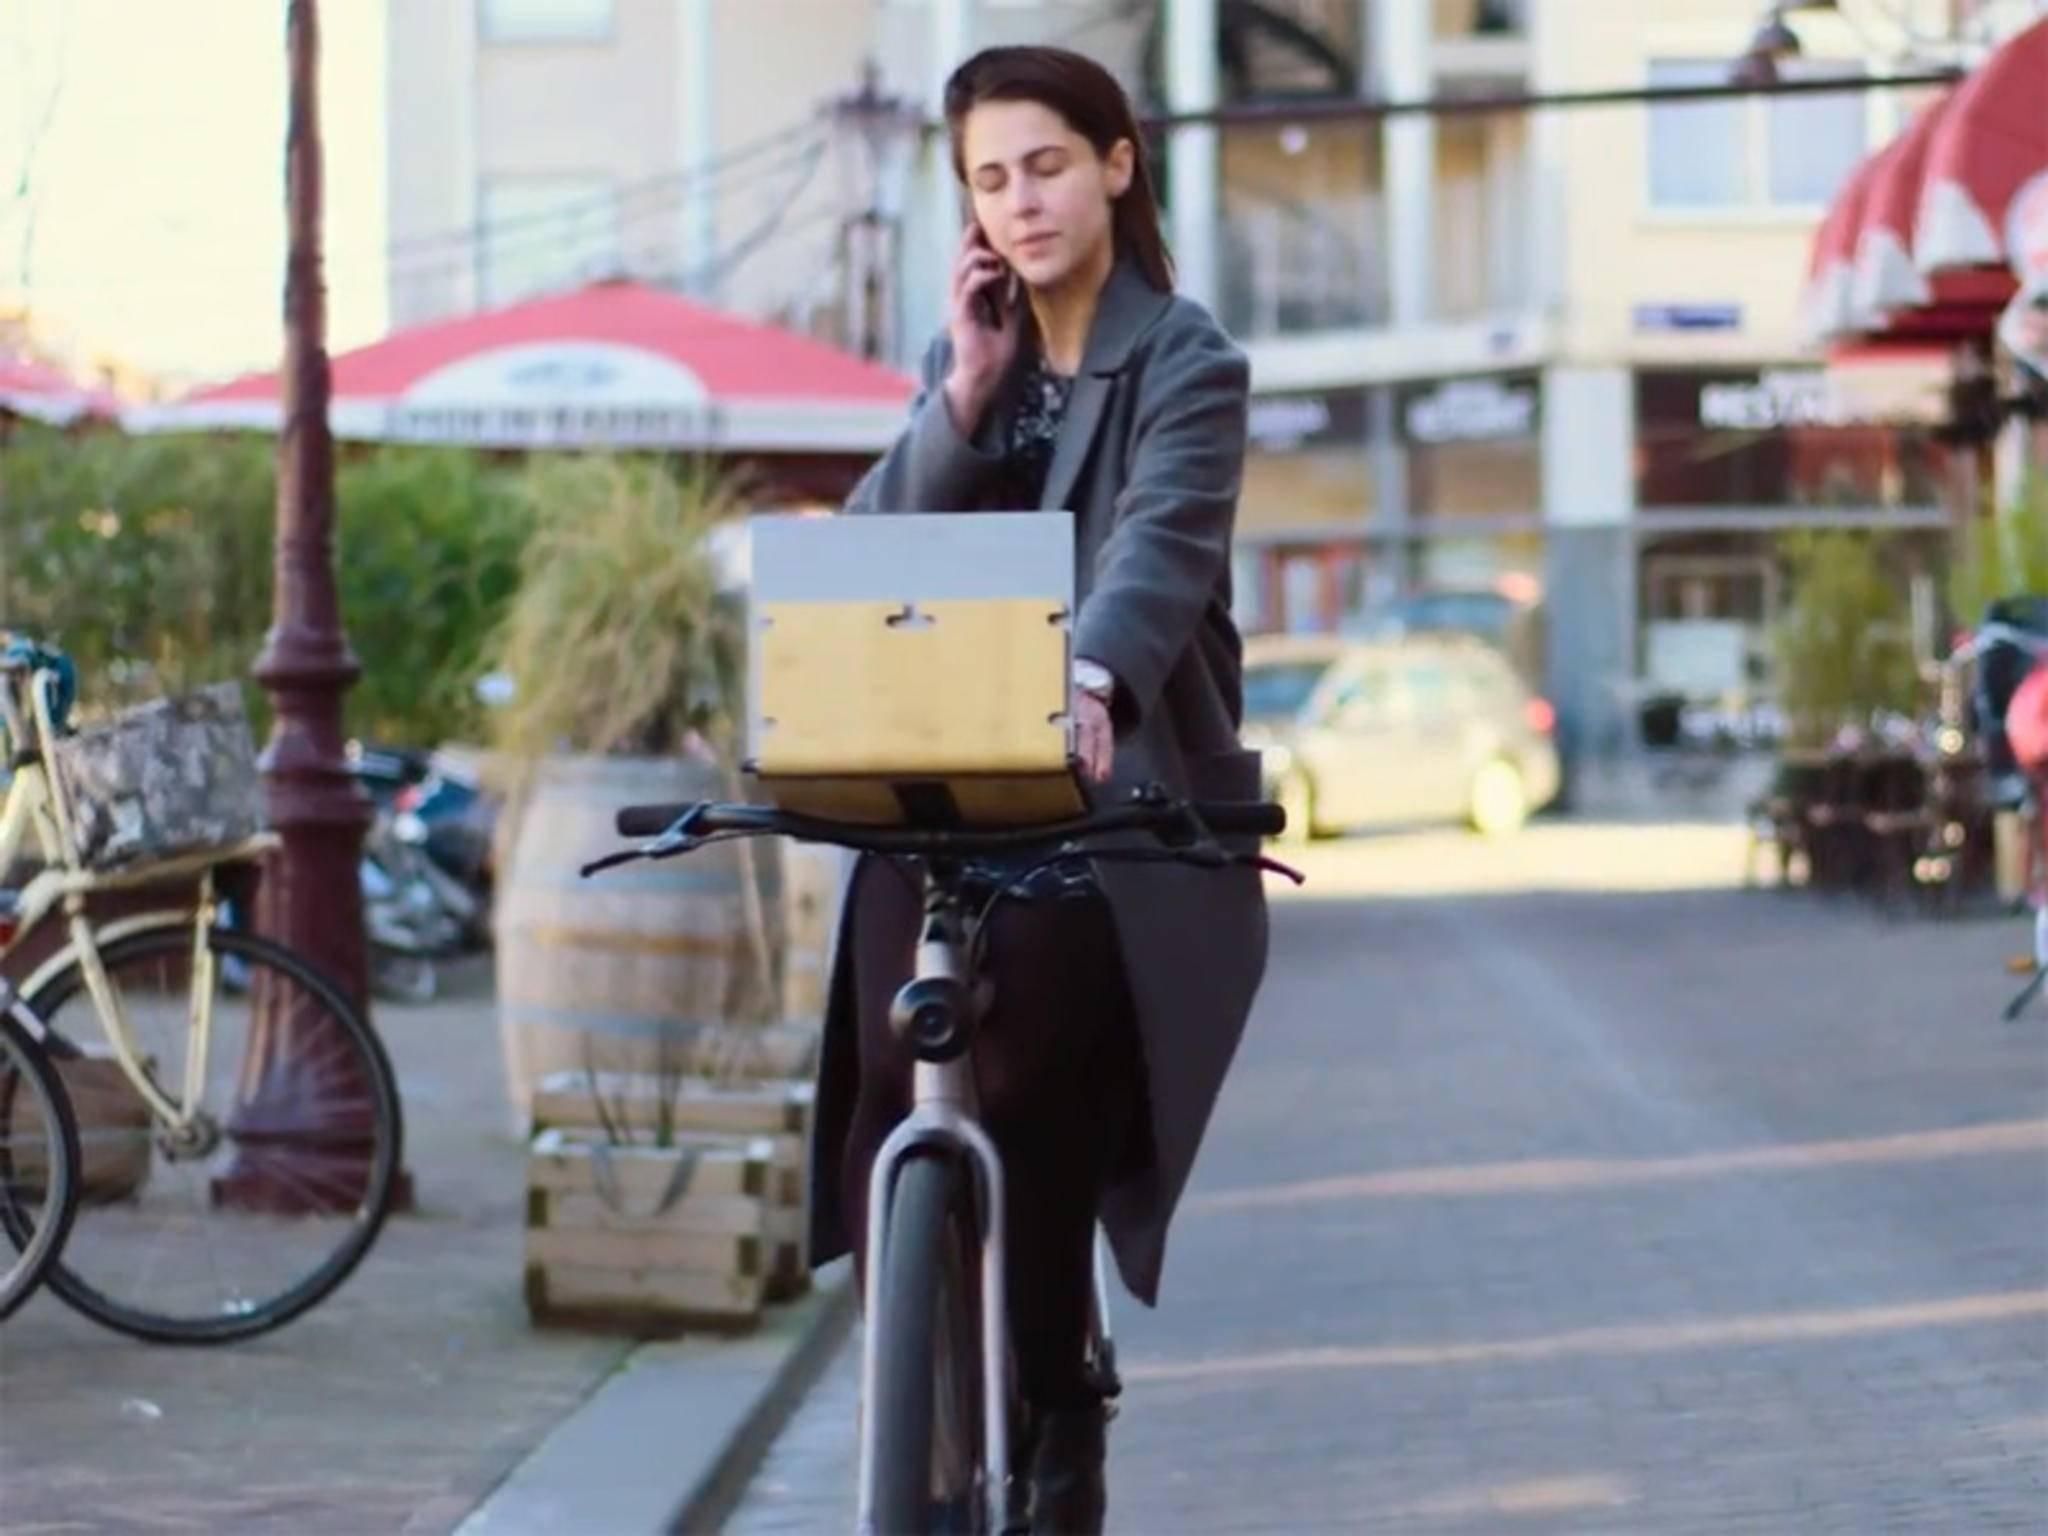 Auf dem Self Driving Bike kann sogar gearbeitet werden.